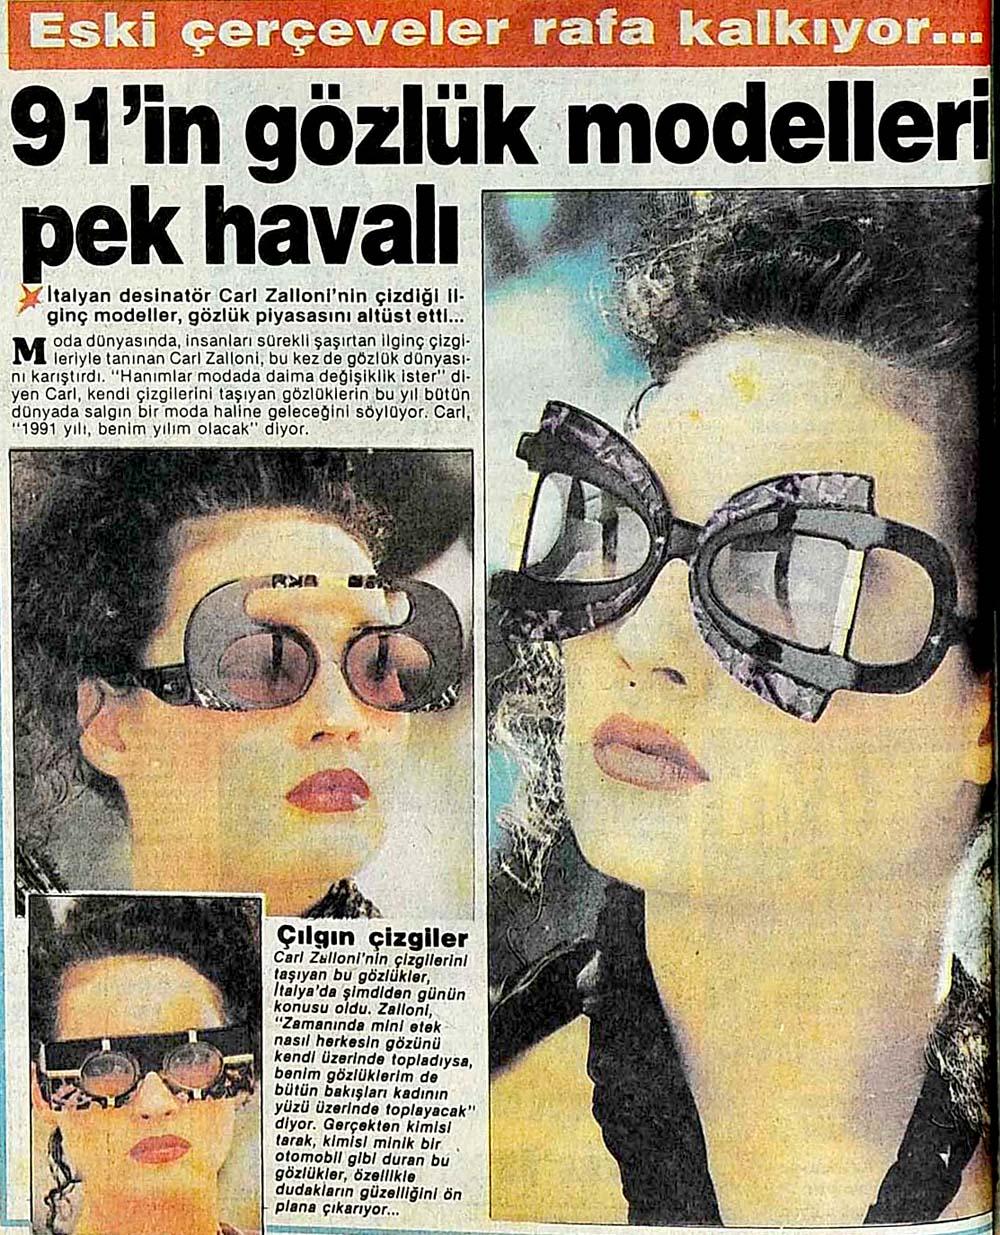 91'in gözlük modelleri